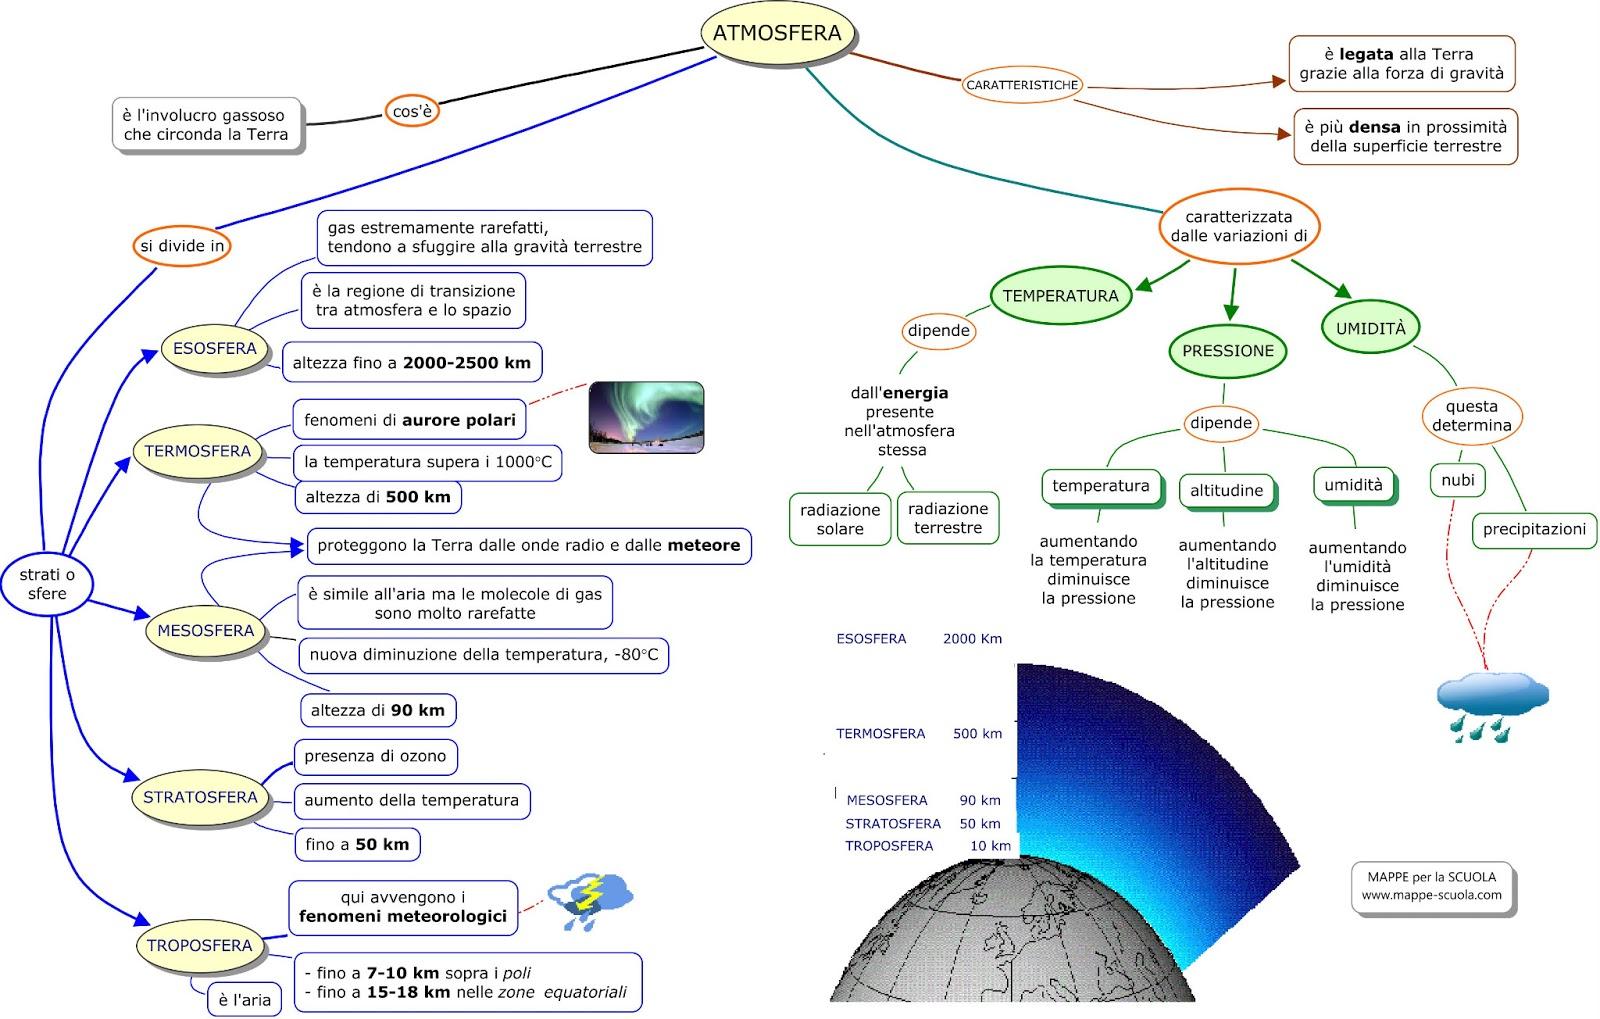 Mappa Concettuale Atmosfera Materiale Per Scuola Media Materia